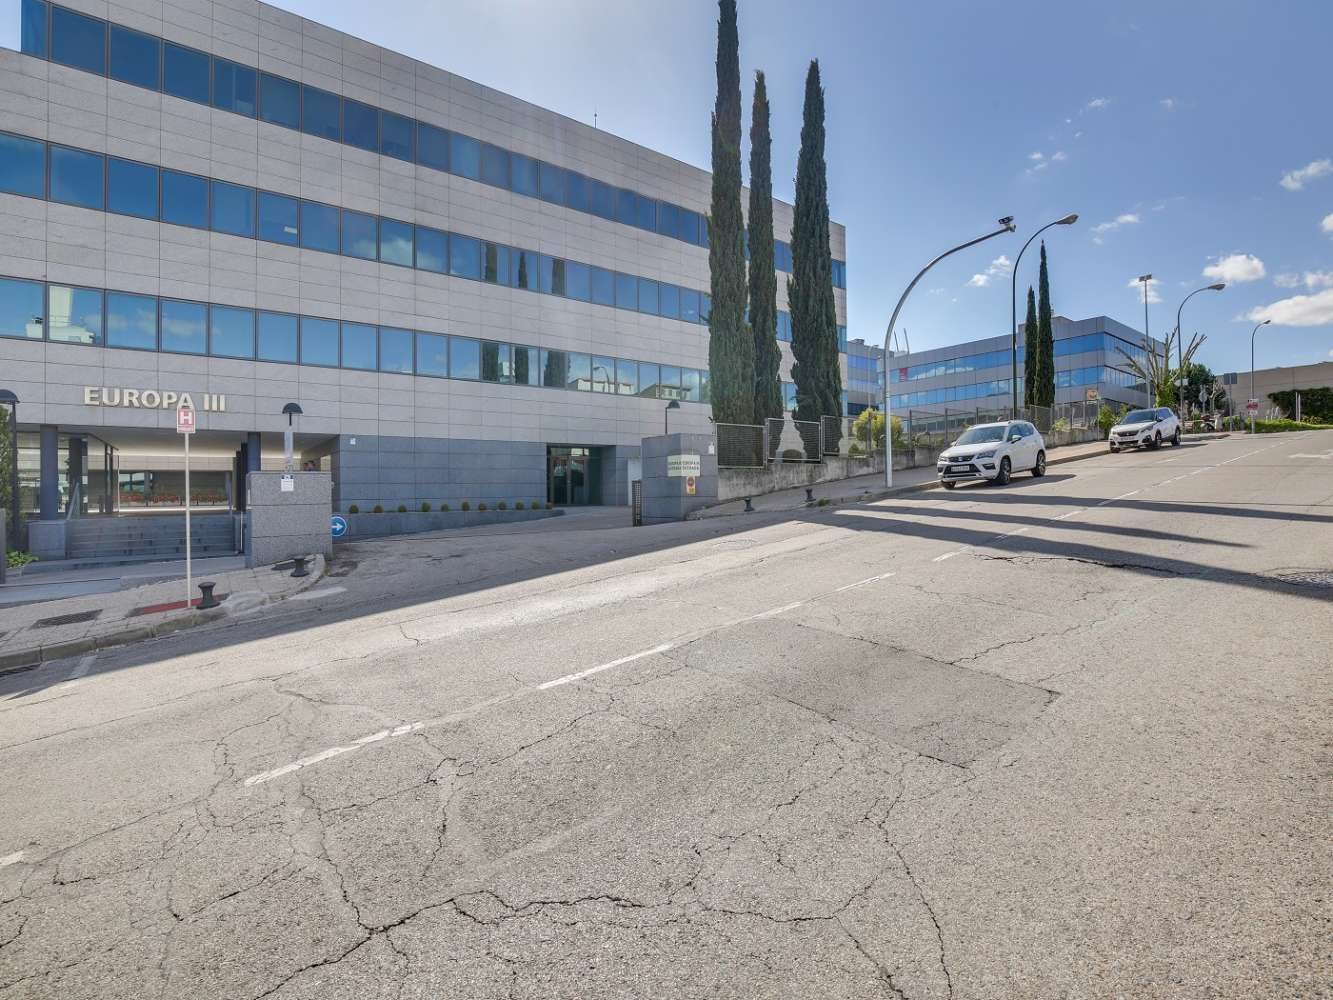 Oficina Alcobendas, 28108 - EUROPA III - 15734